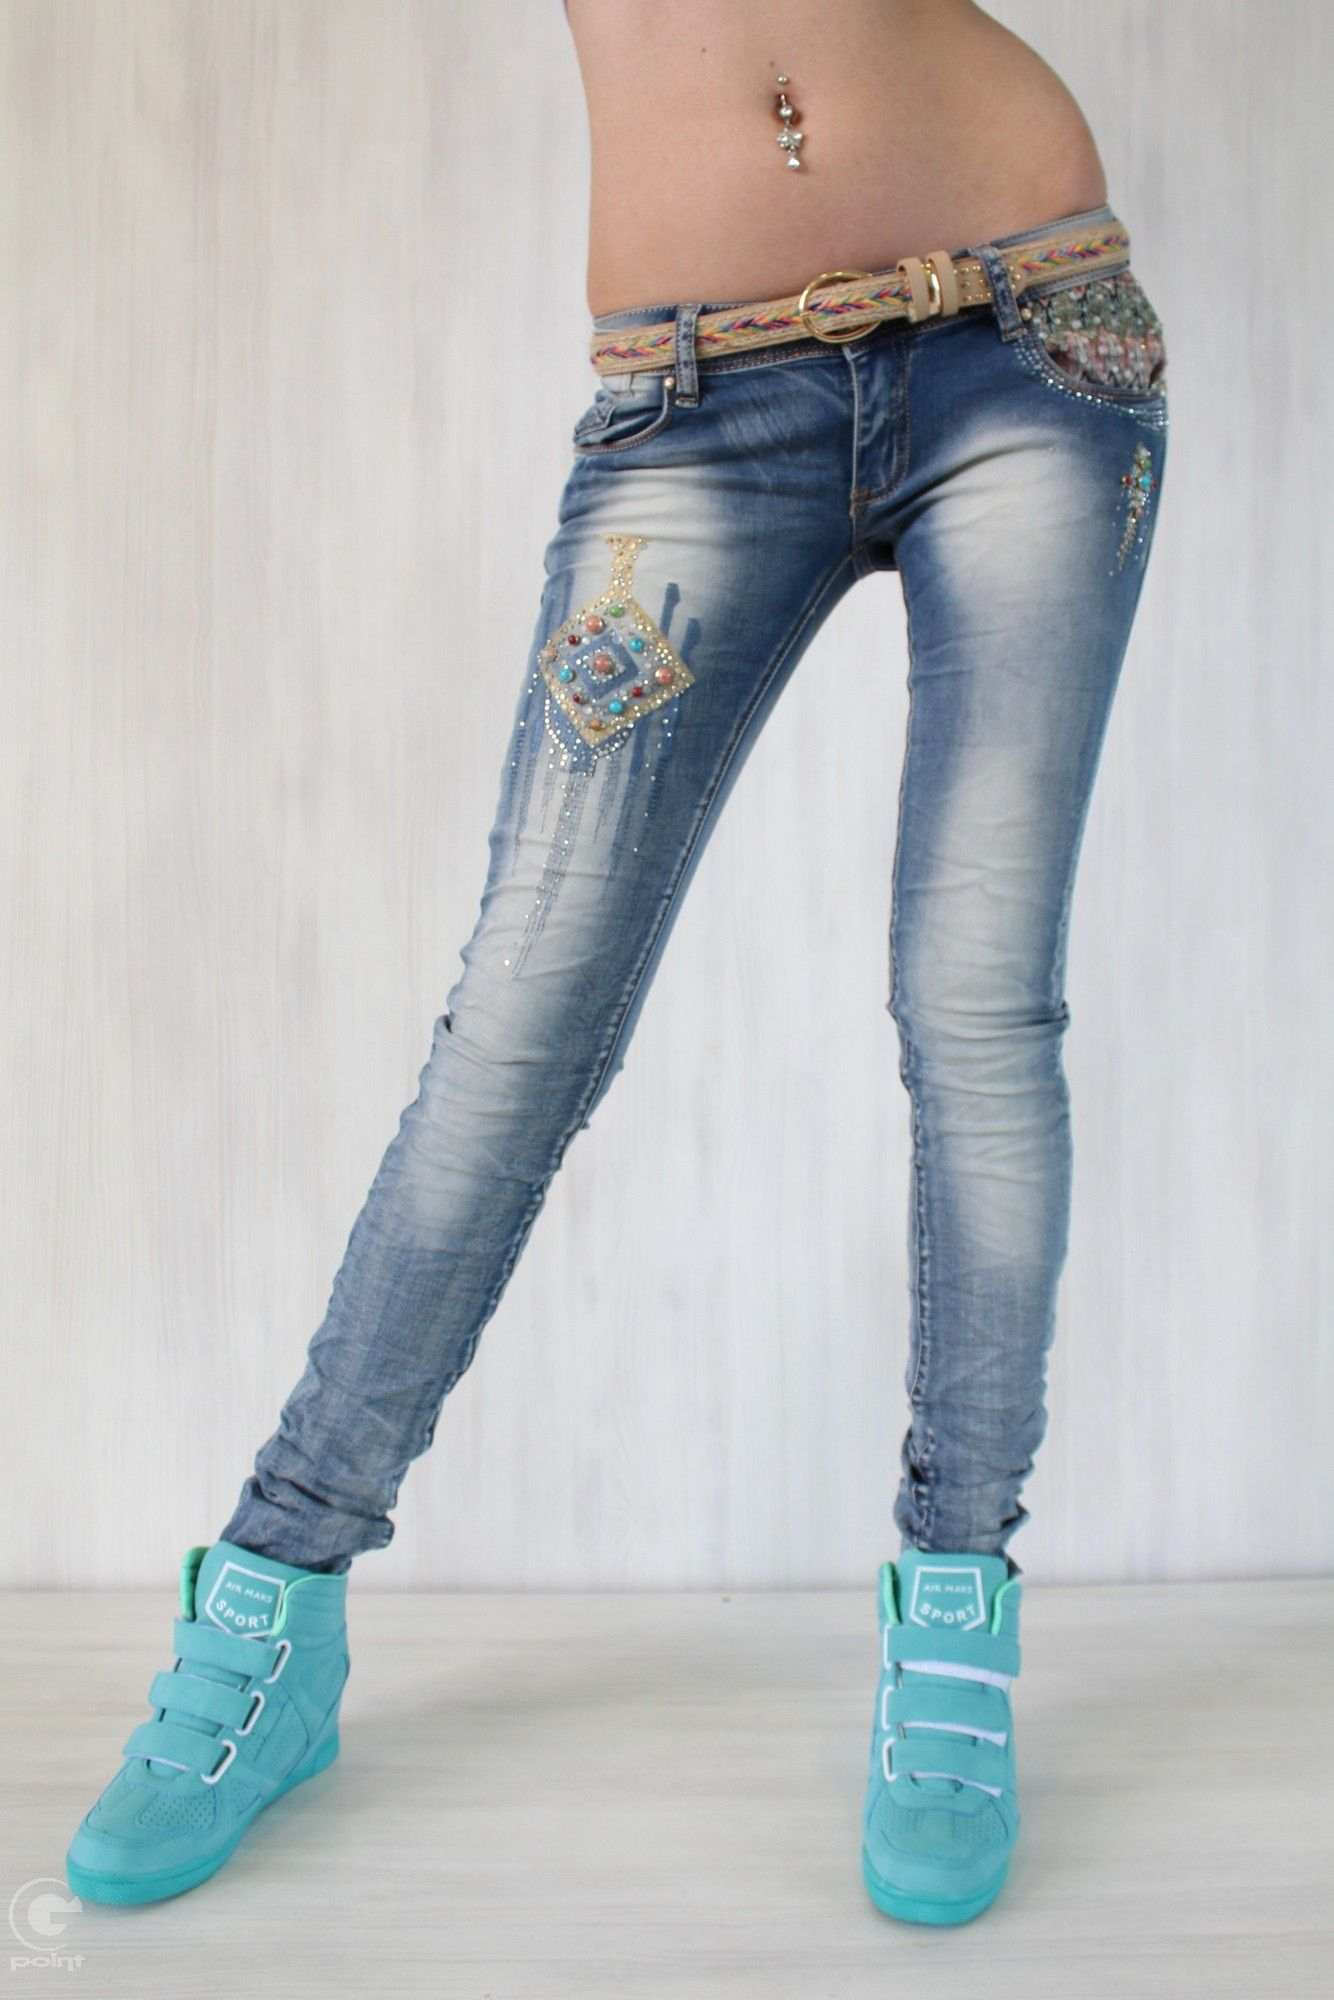 f9f0448e1f4 Дънки с бродерия Ернестин | Дамски дънки | Jeans, Skinny jeans, Pants